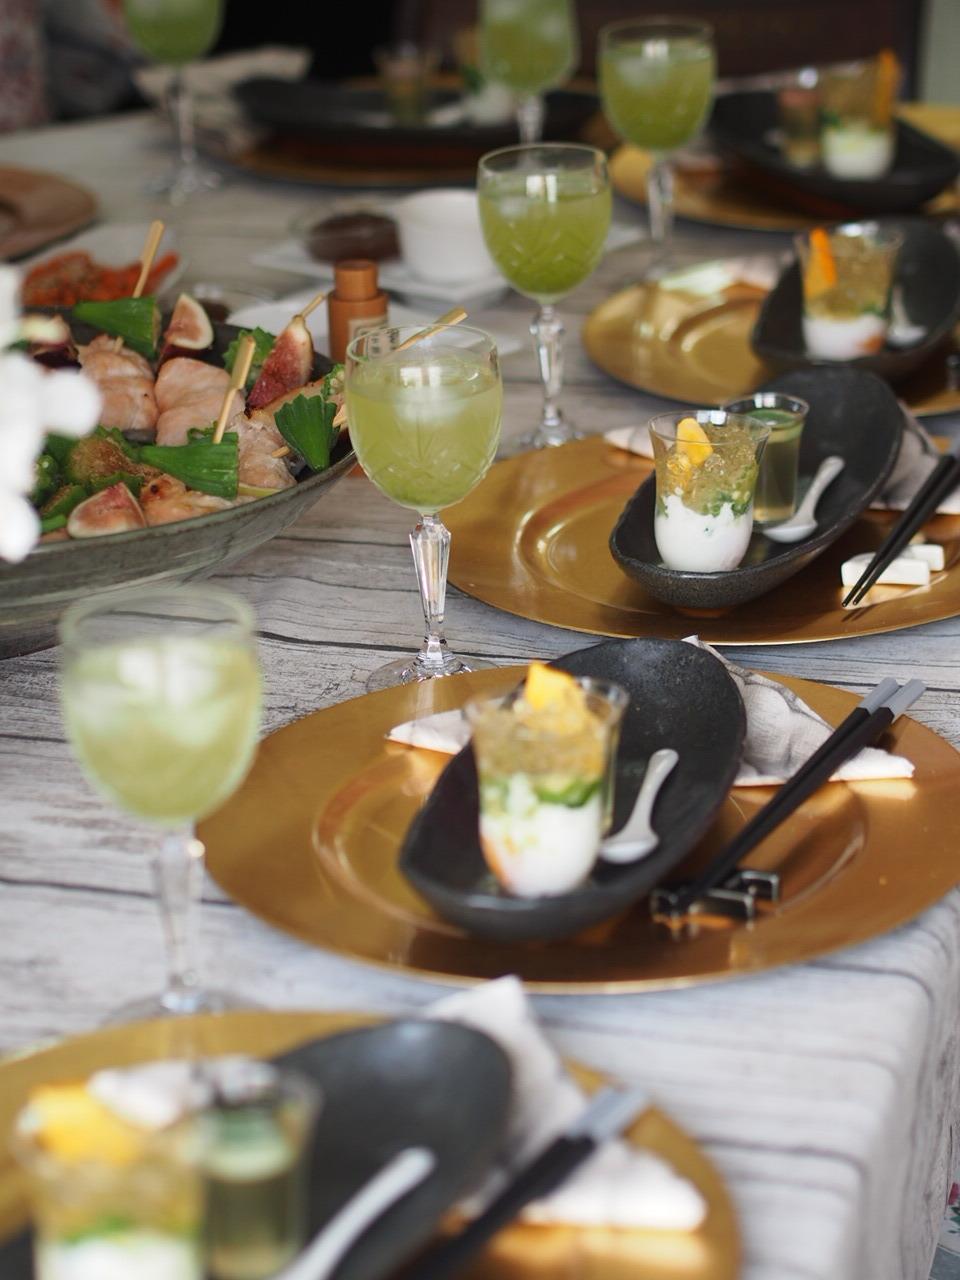 五穀豊穣テーブル@お料理教室_d0144095_11560142.jpg